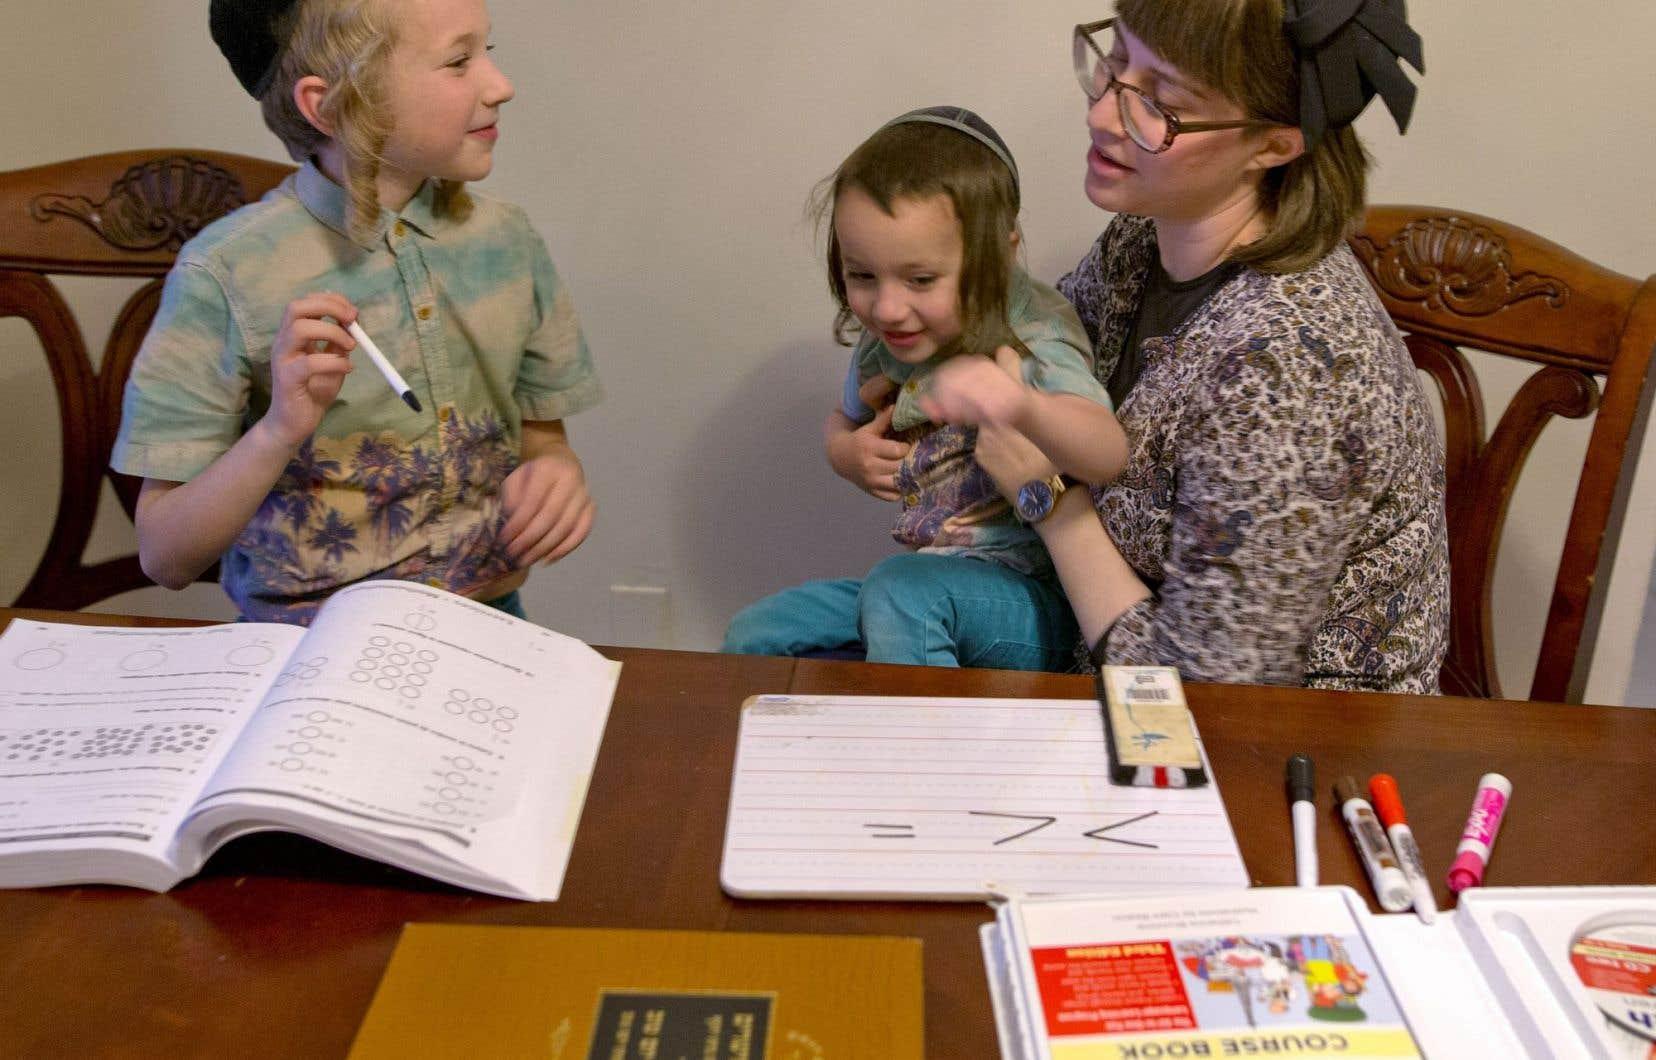 Après l'école religieuse, le petit Moshe fait l'école à la maison avec sa mère, Yitti Chacham Hirsch.